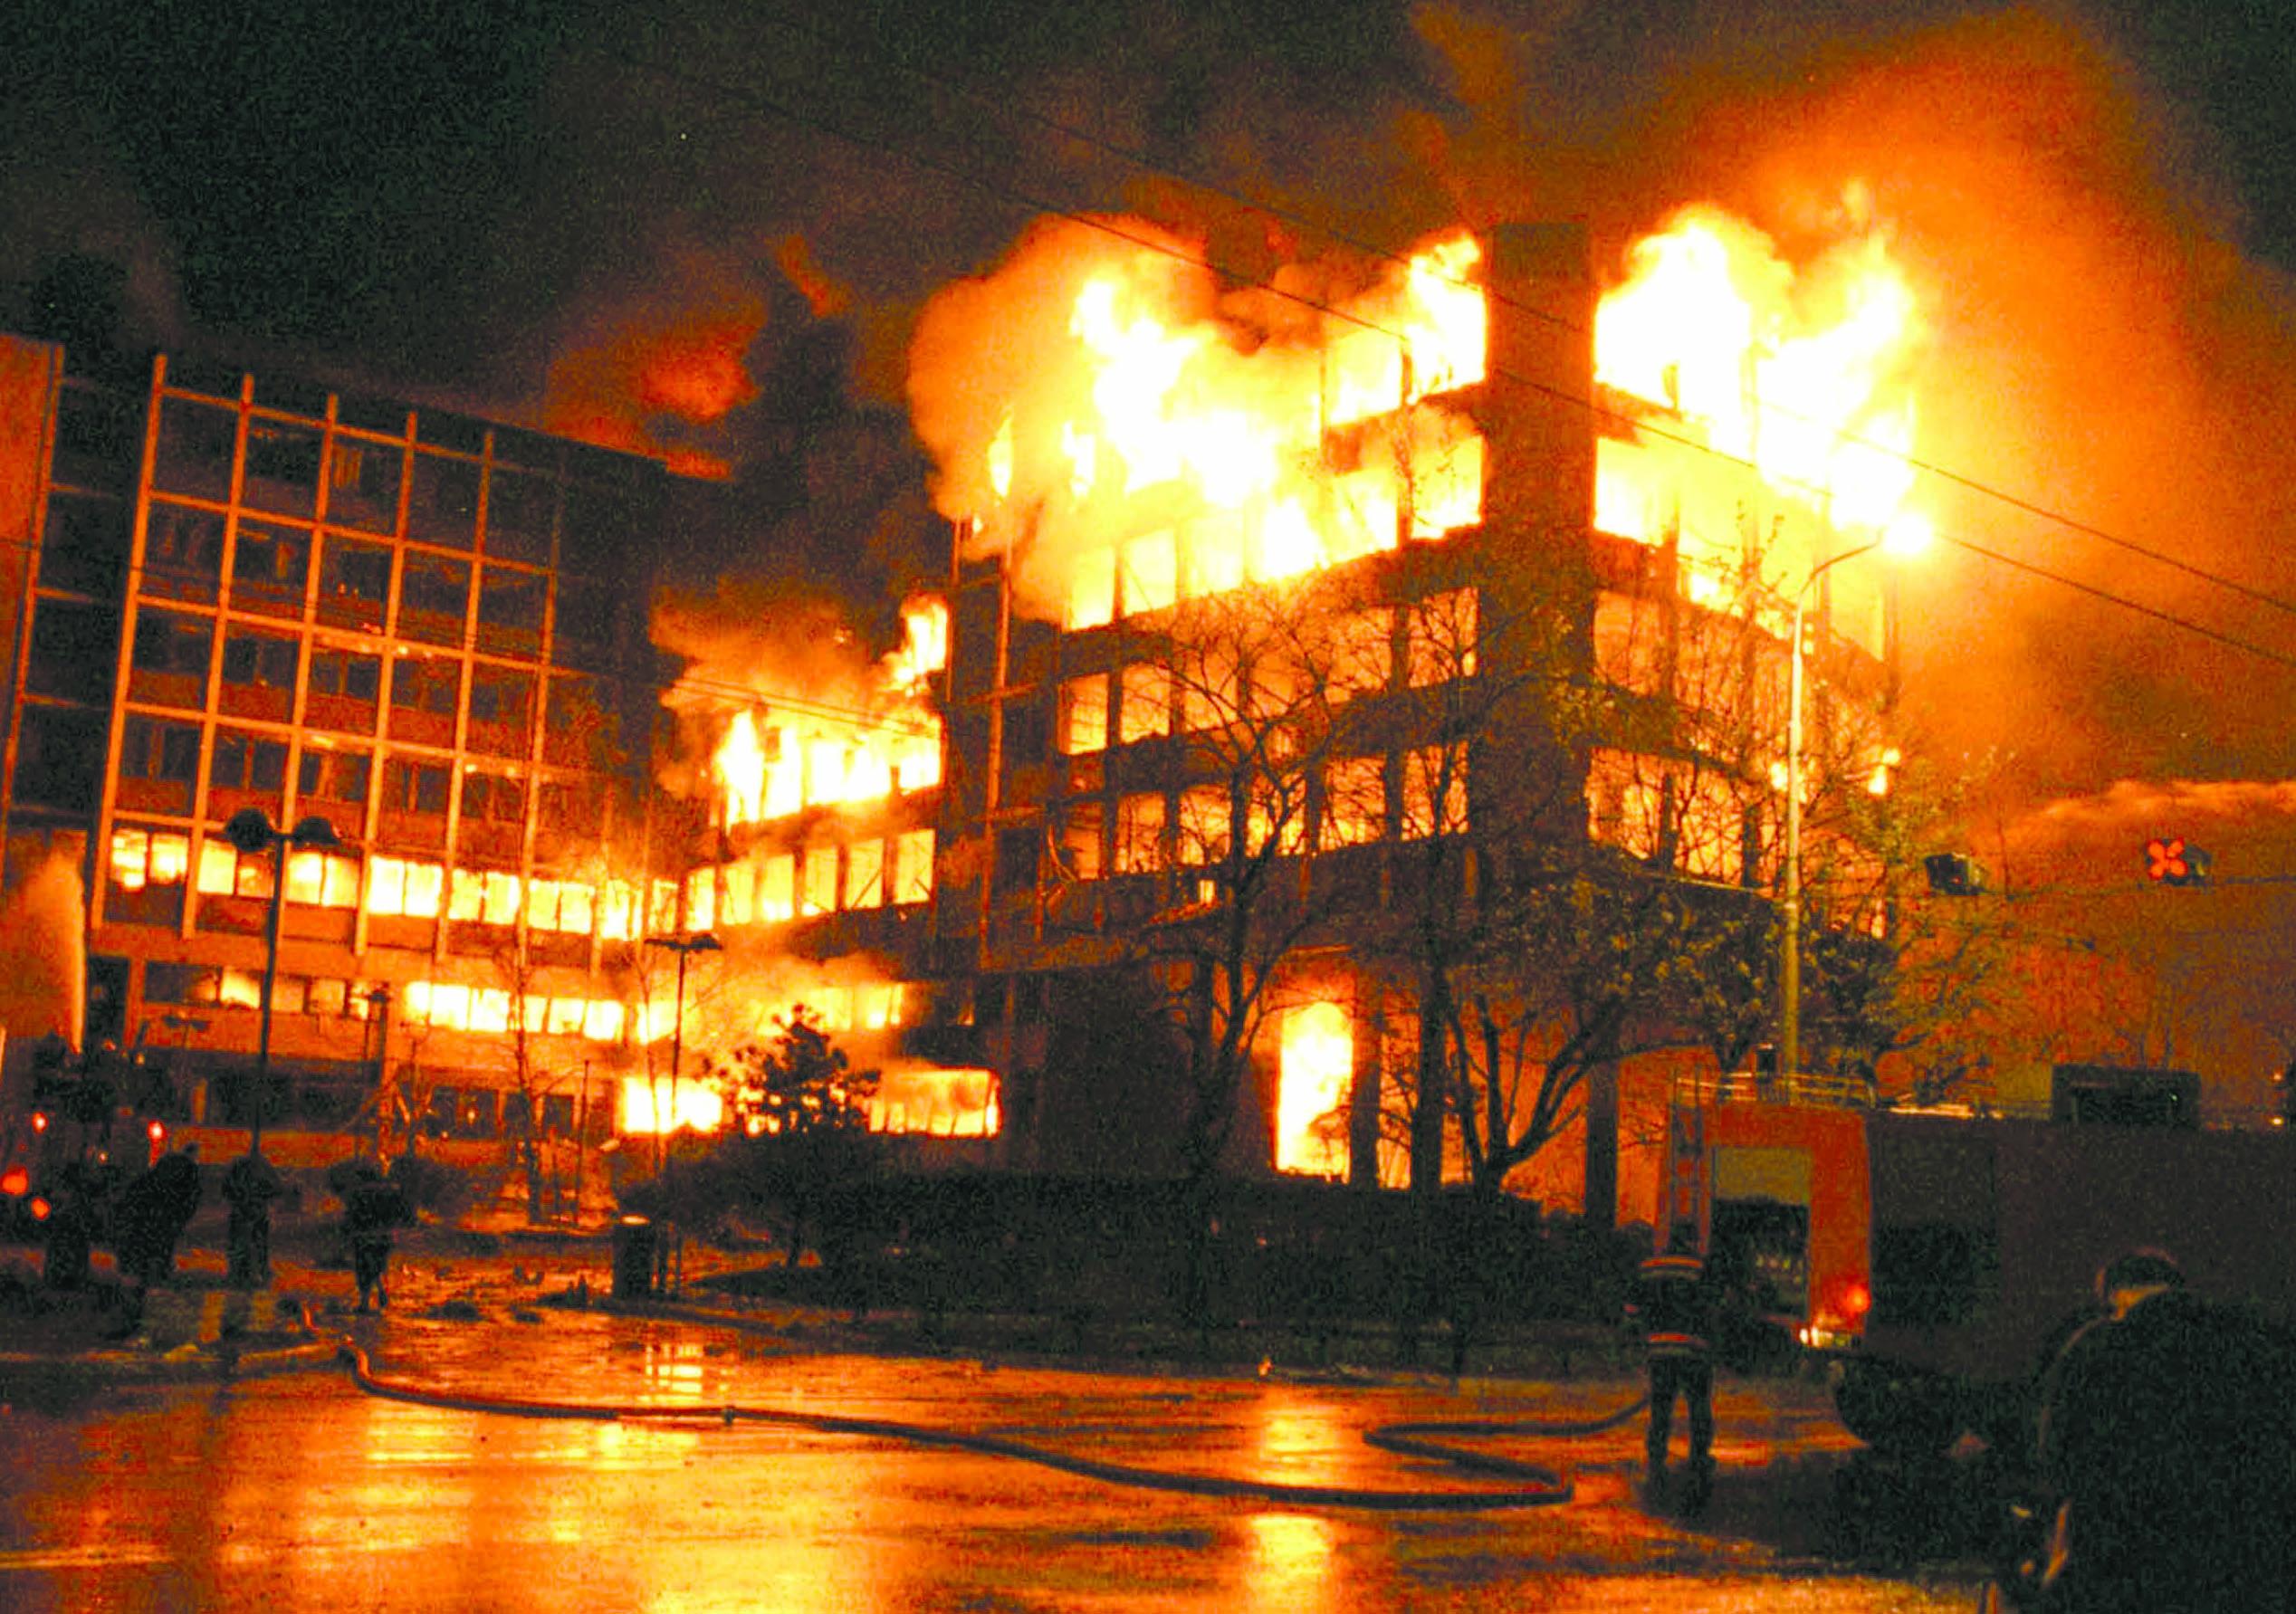 Skupština Srbije: počela rasprava o posledicima bombardovanja Srbije 1999. godine